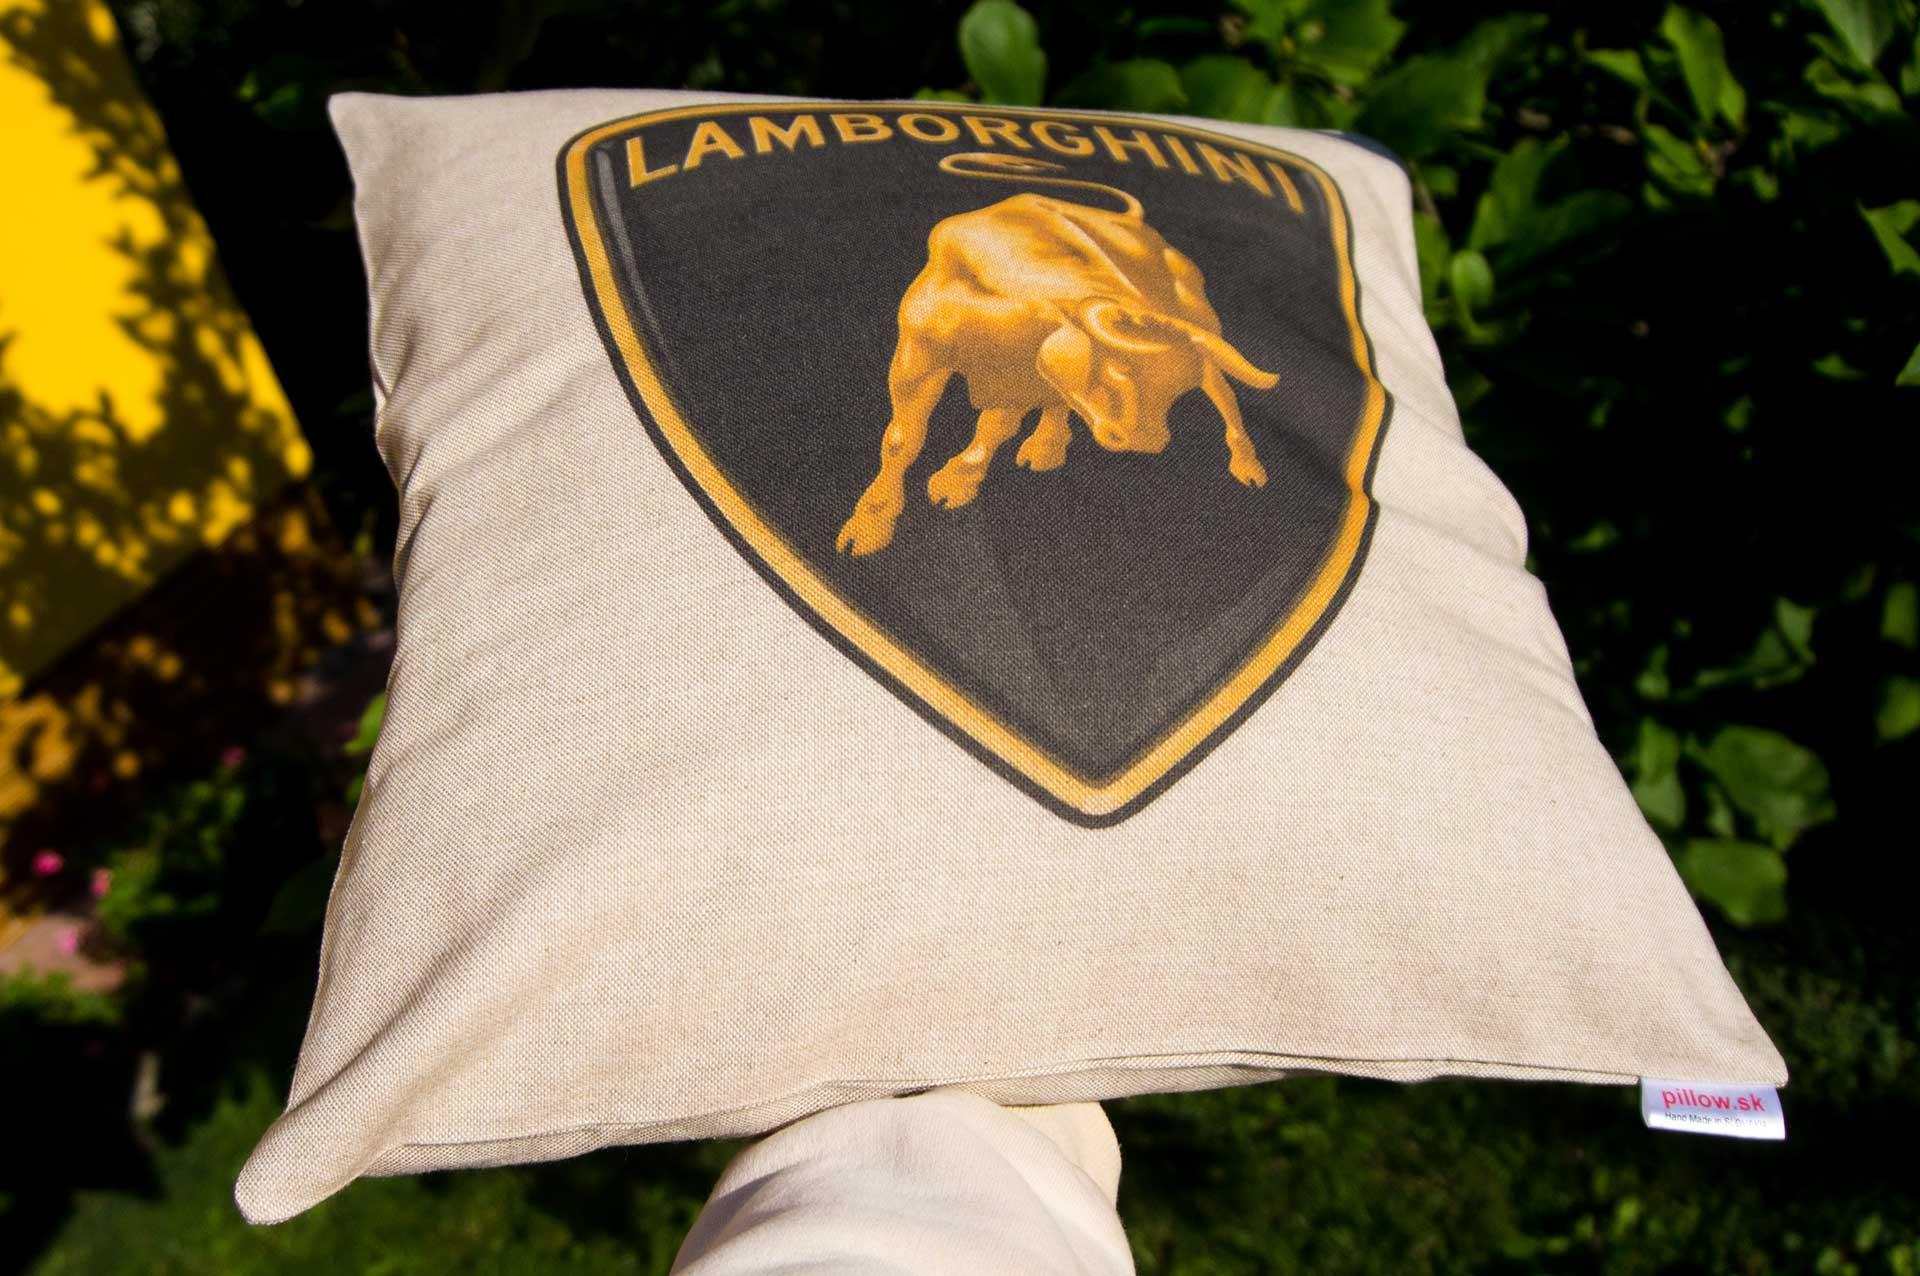 Vankúšik s automobilovým logom Lamborghini